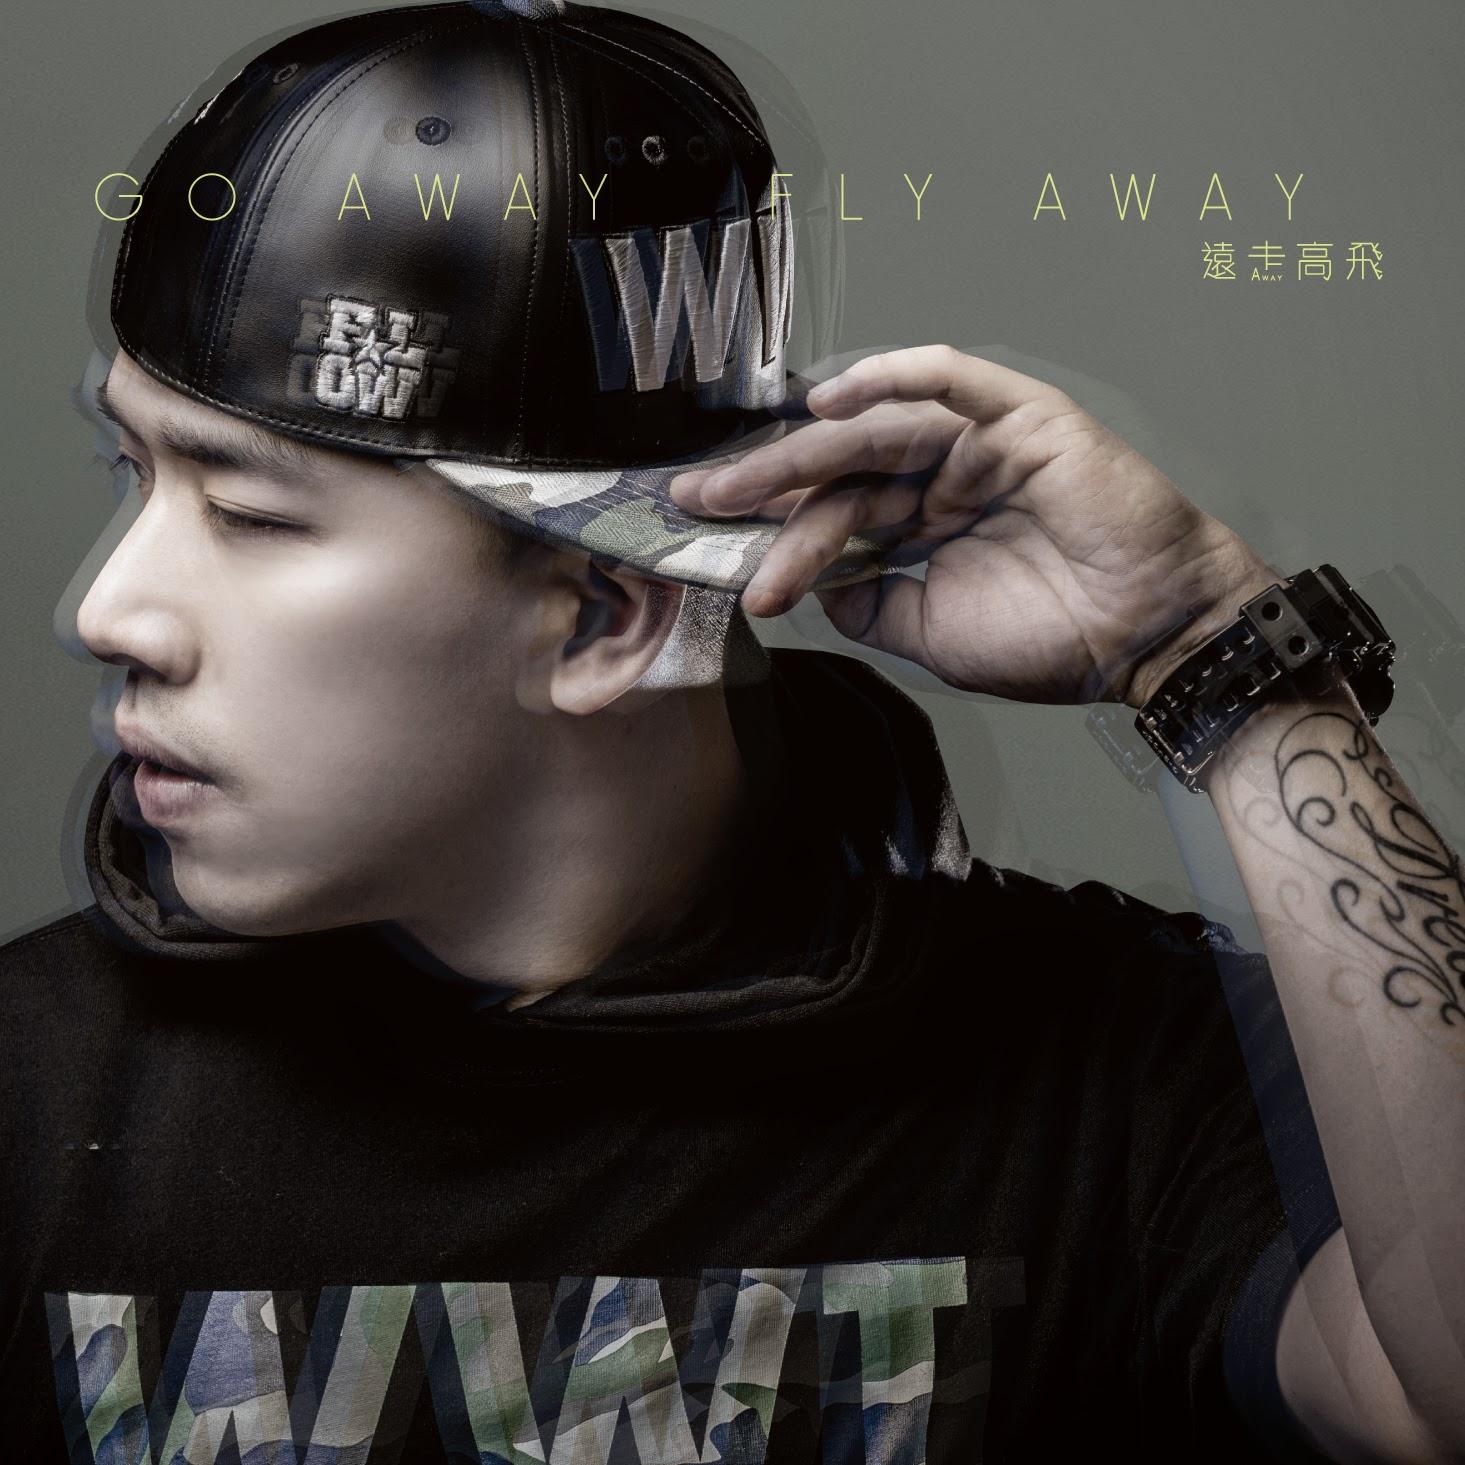 http://www.mymusic.net.tw/album/show/204008